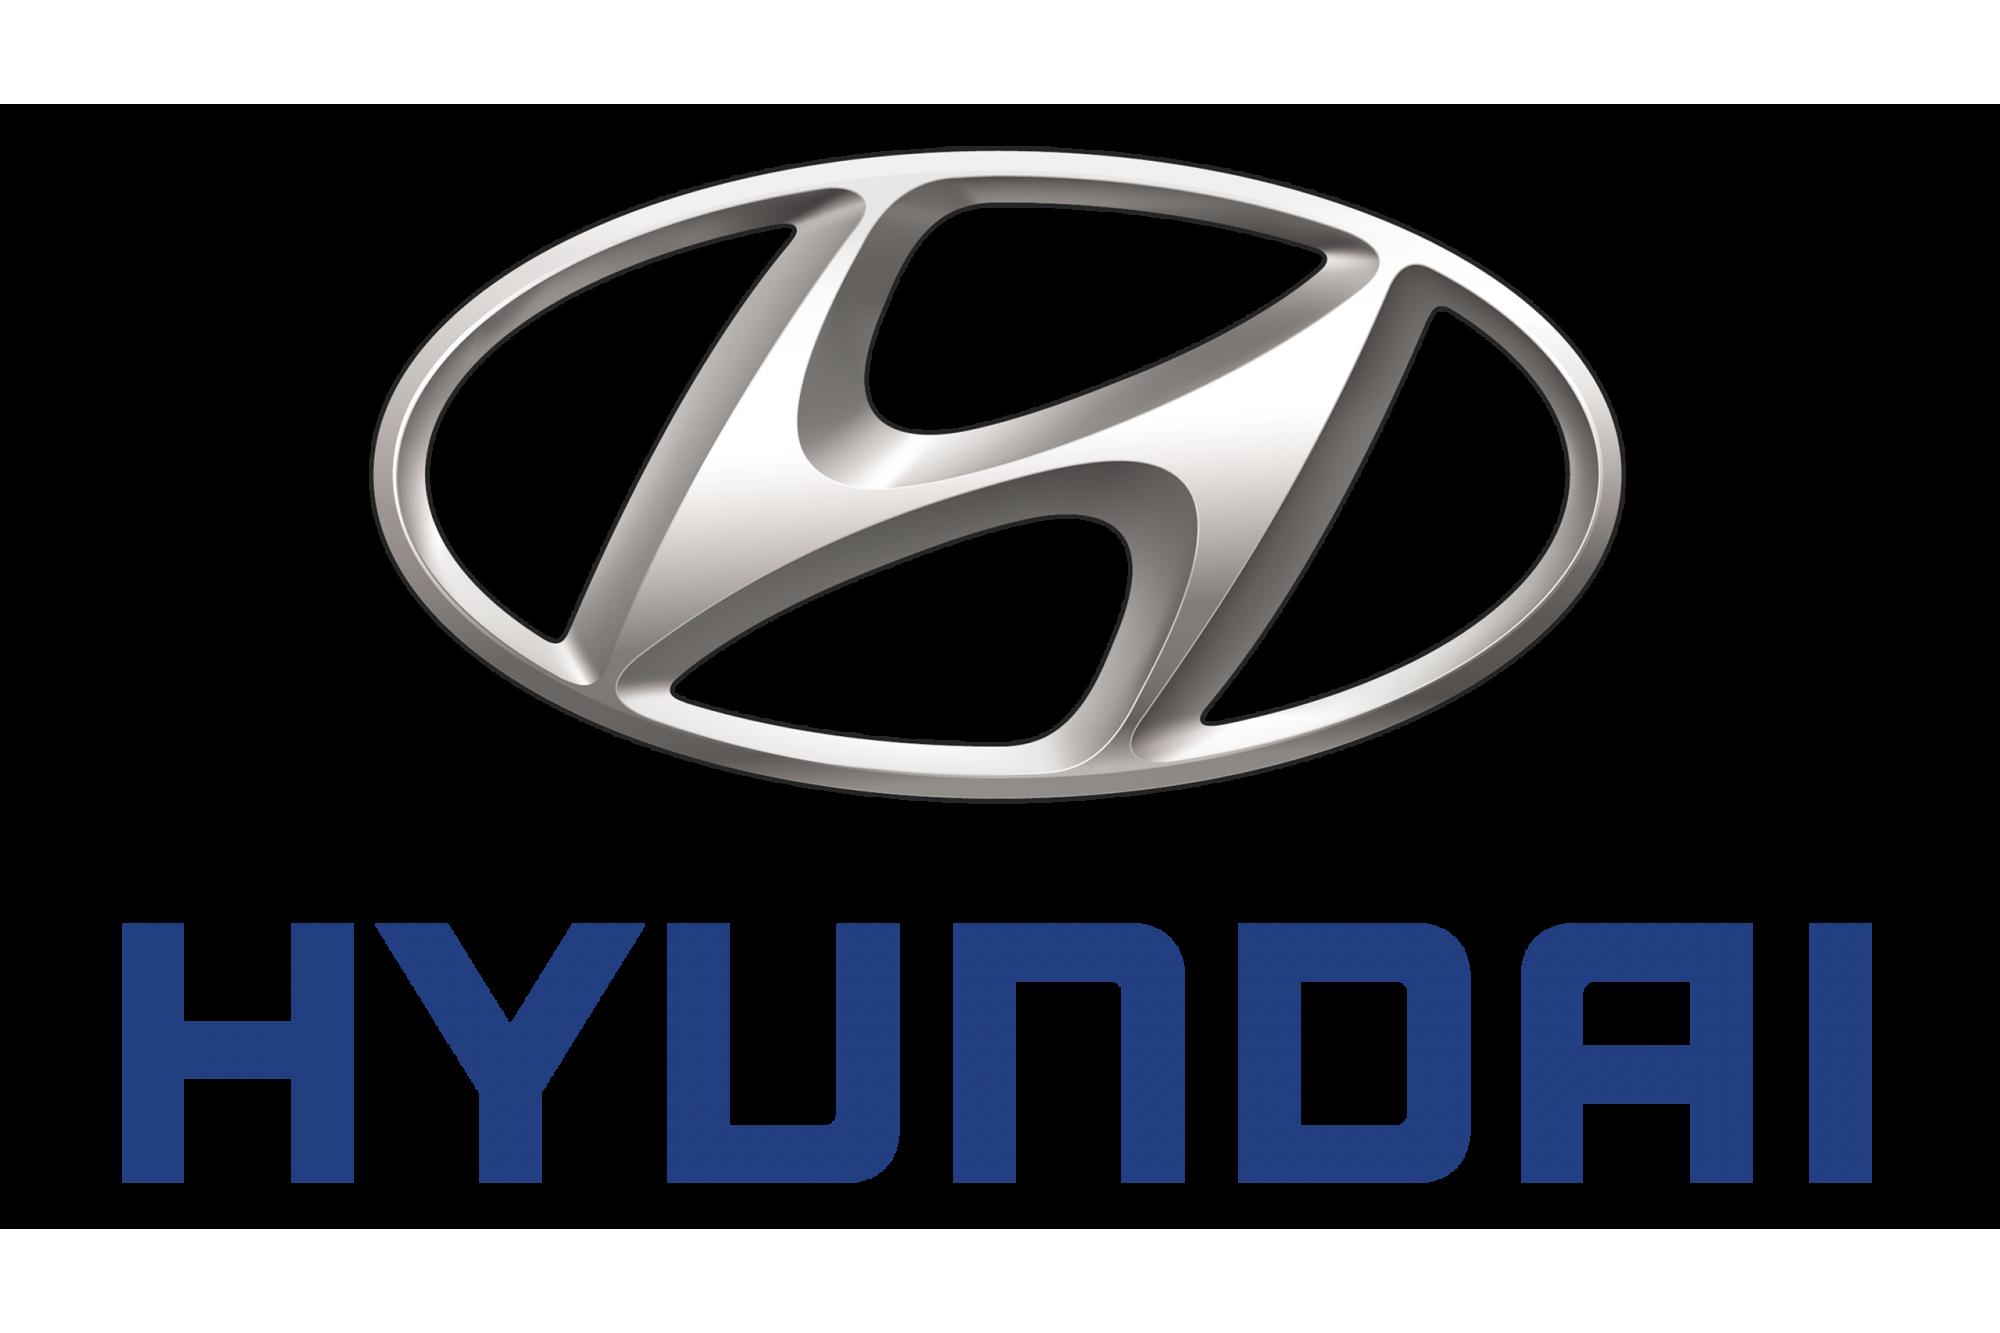 Επέκταση εγγύησης από την Hyundai